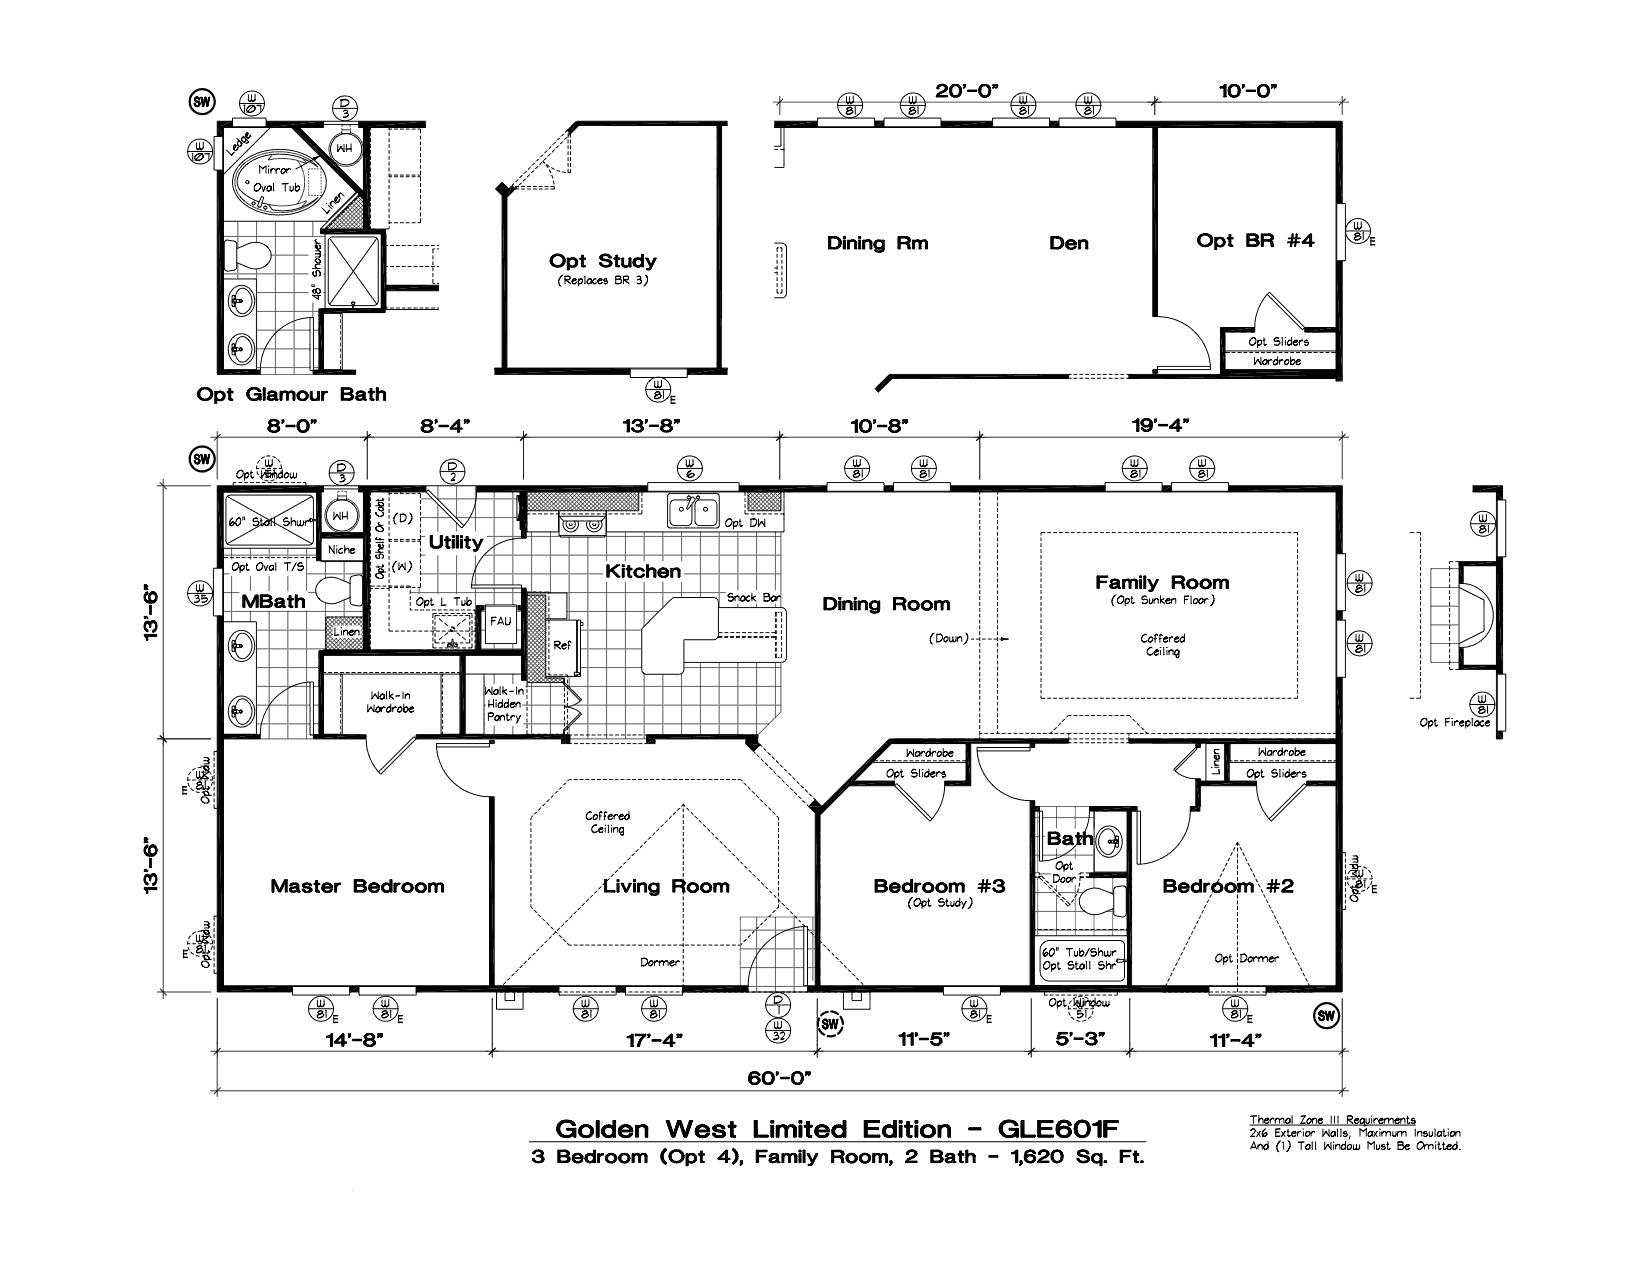 tlc manufactured homes golden west limited floor plans 74664 2